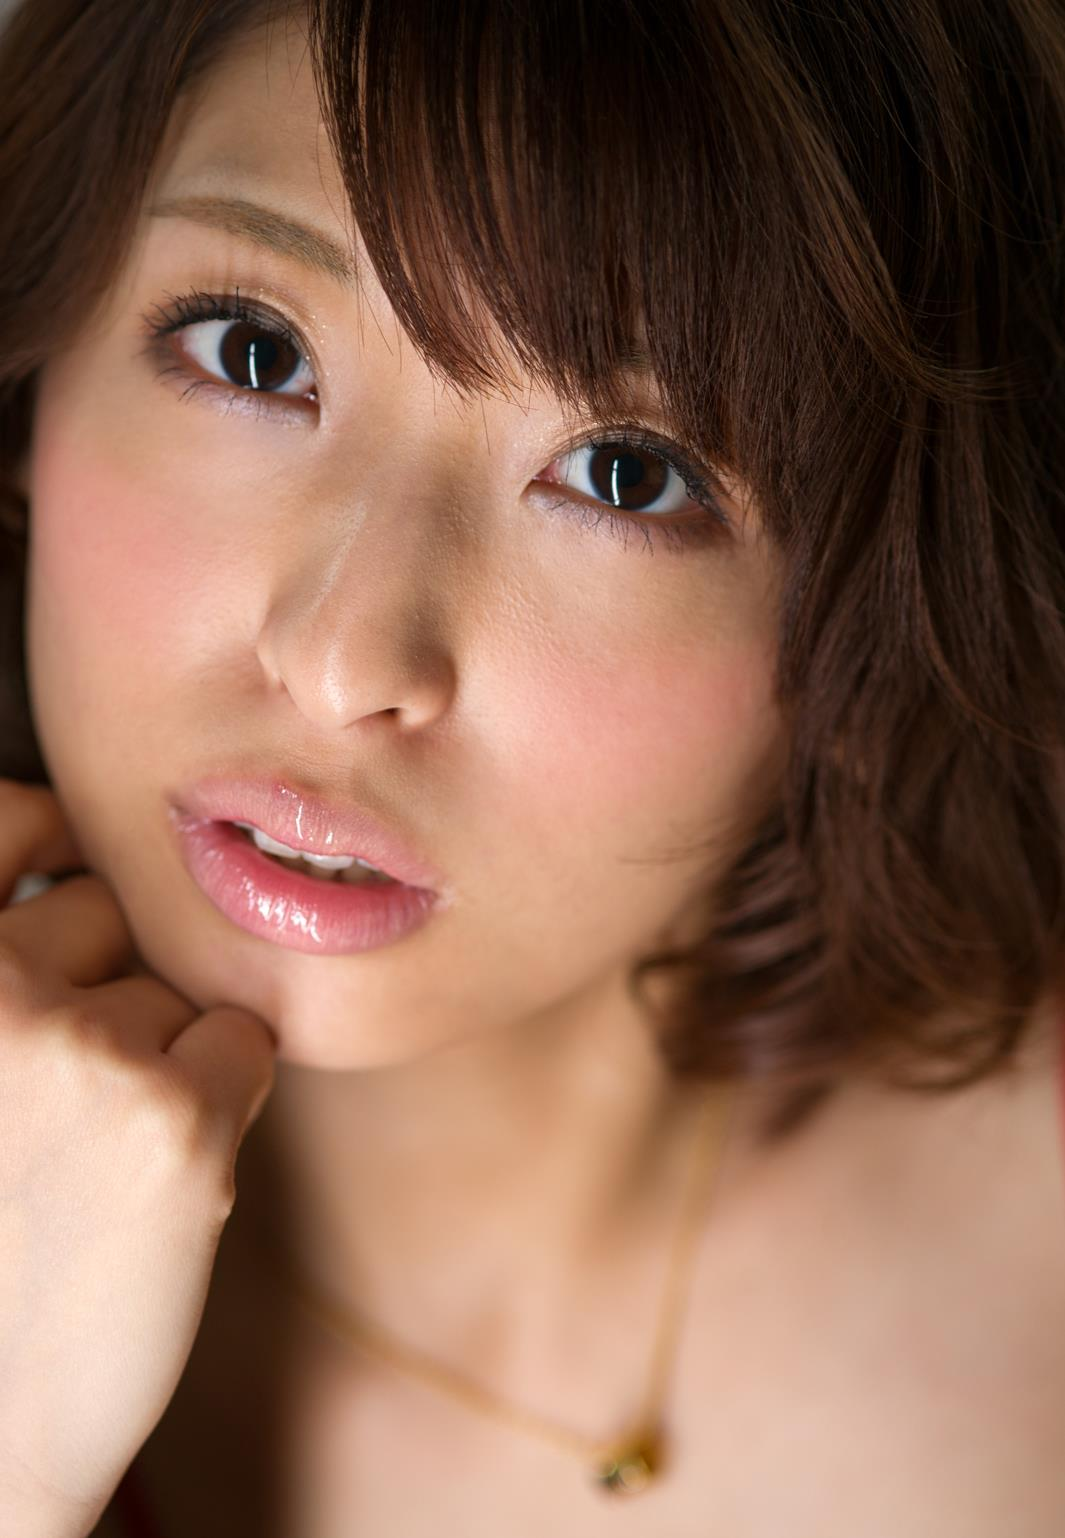 秋山祥子 画像 34